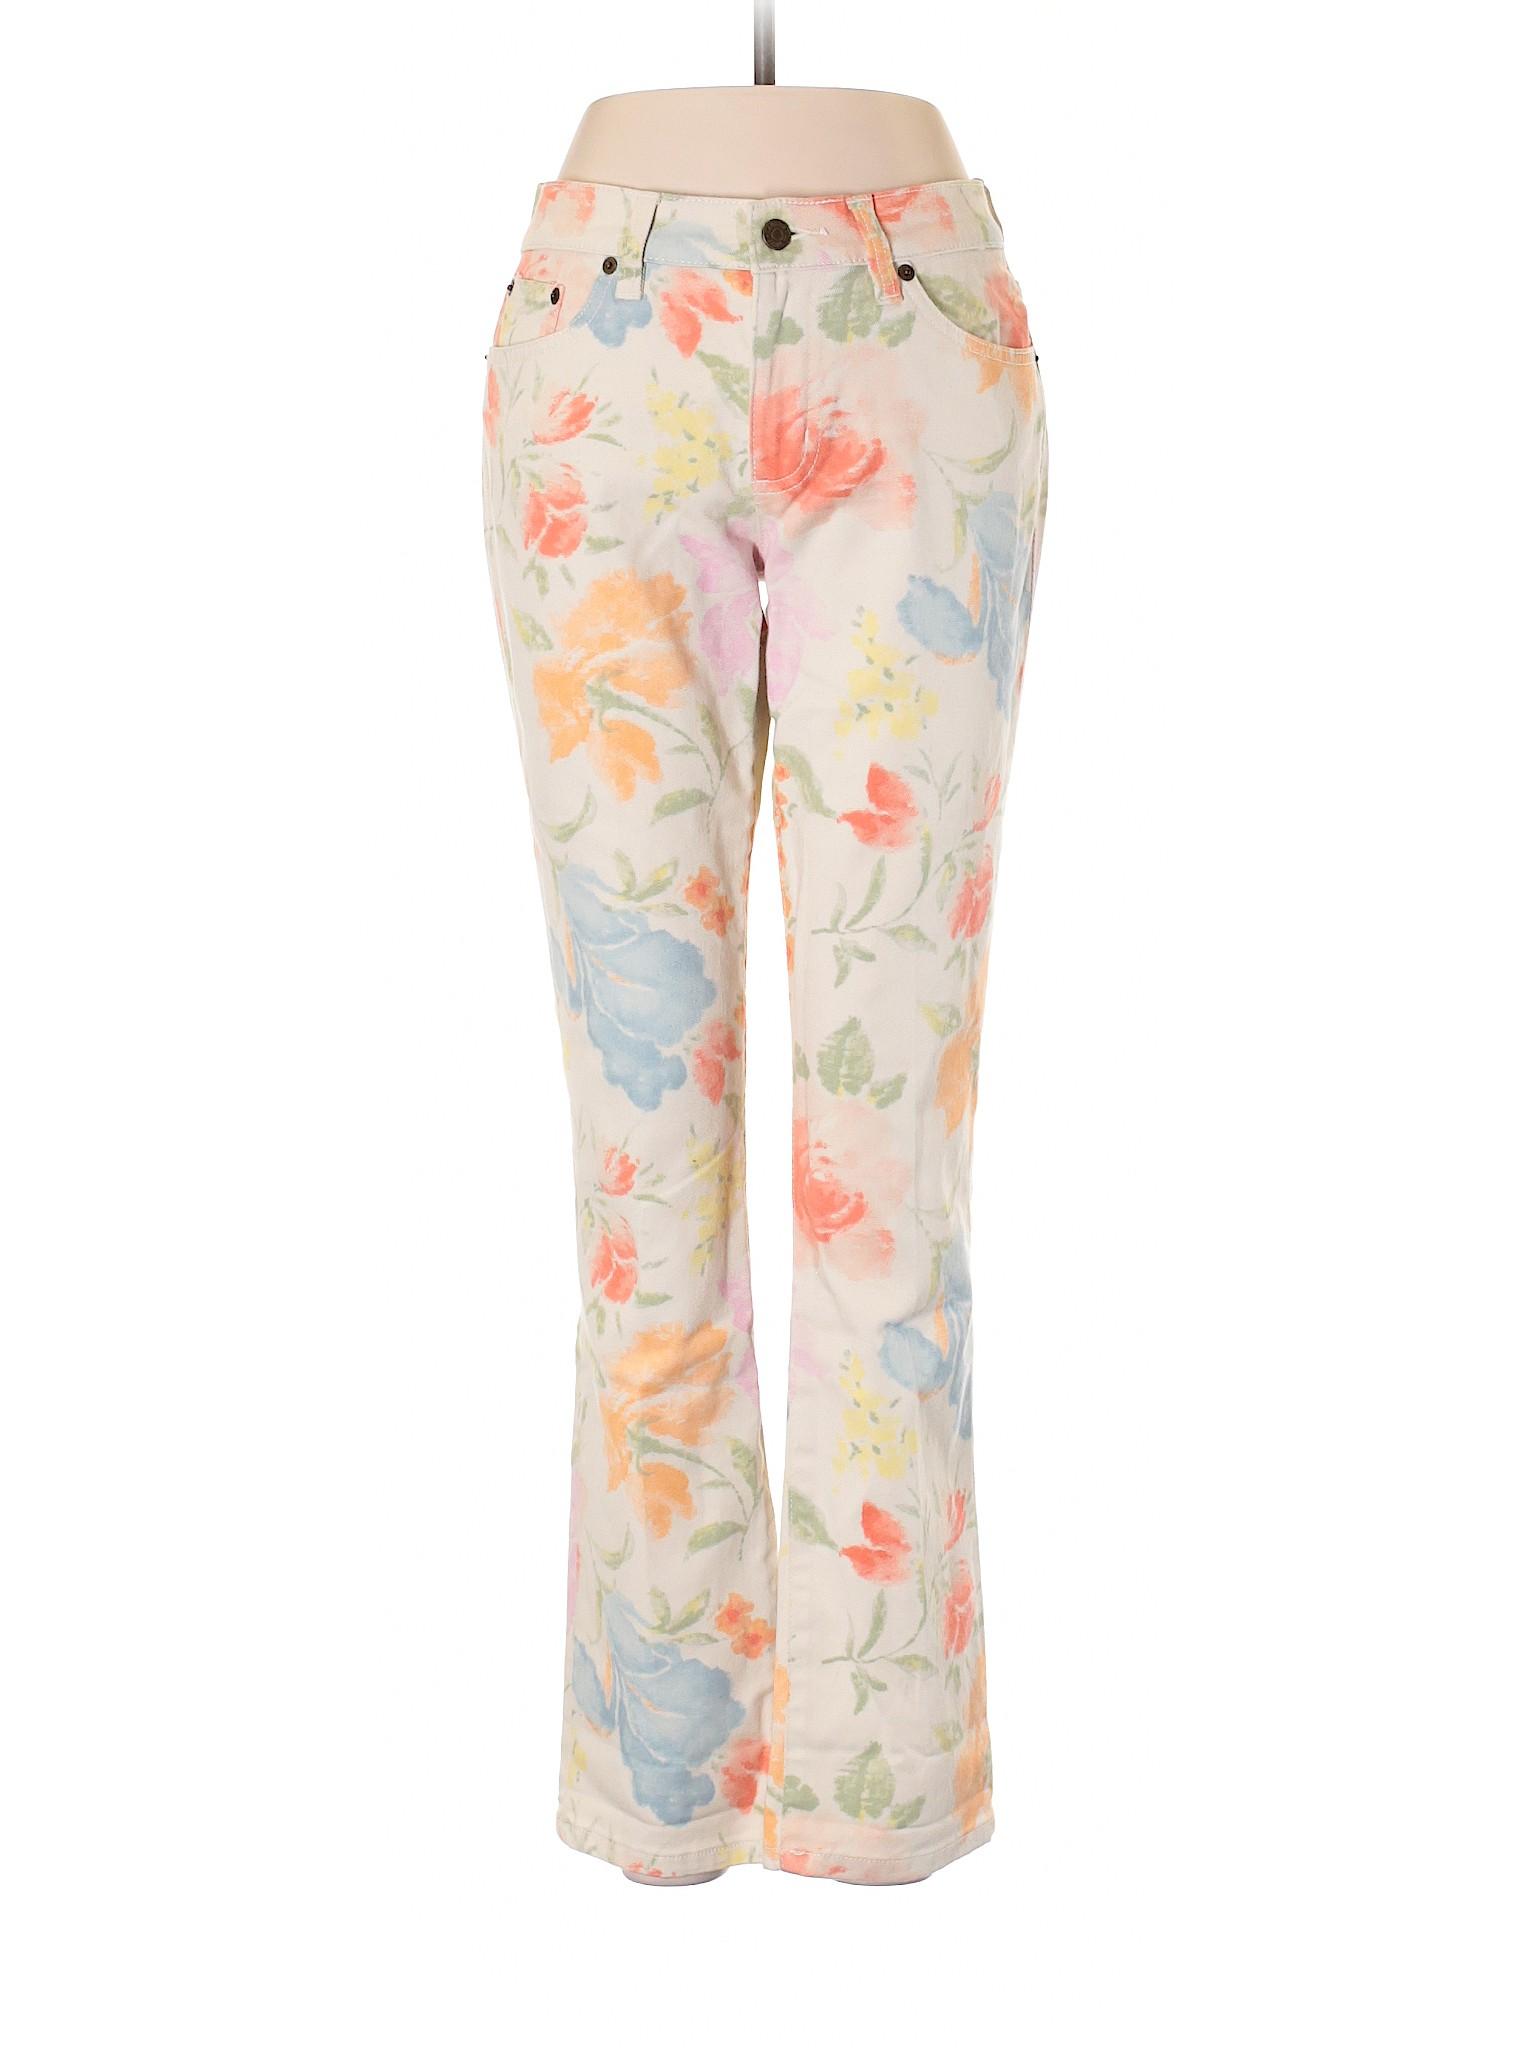 Promotion Jeans BpJ5H8YaD2 Lauren Lauren Promotion HawXH0